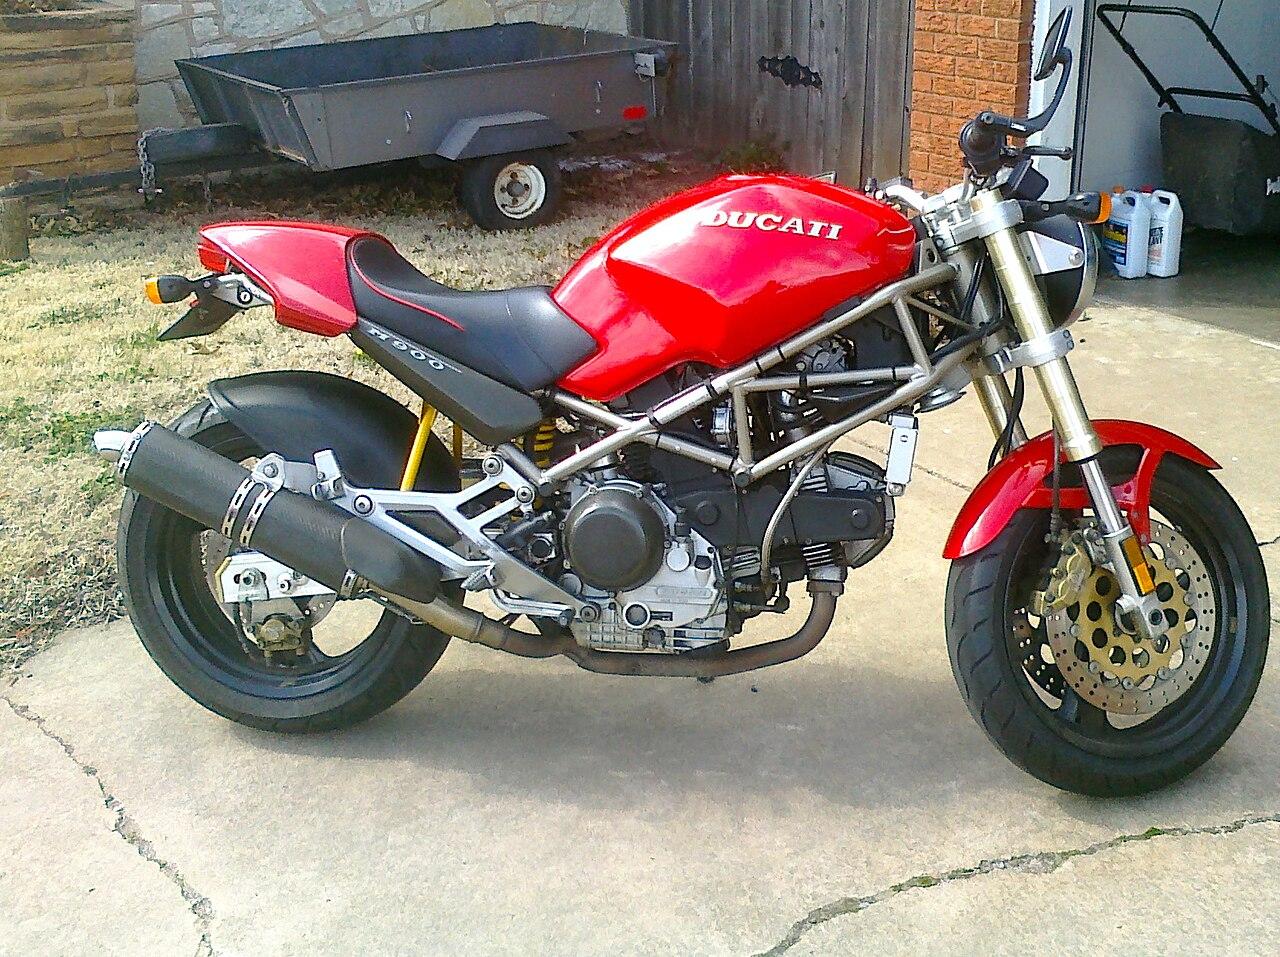 Ducati Monster Specs